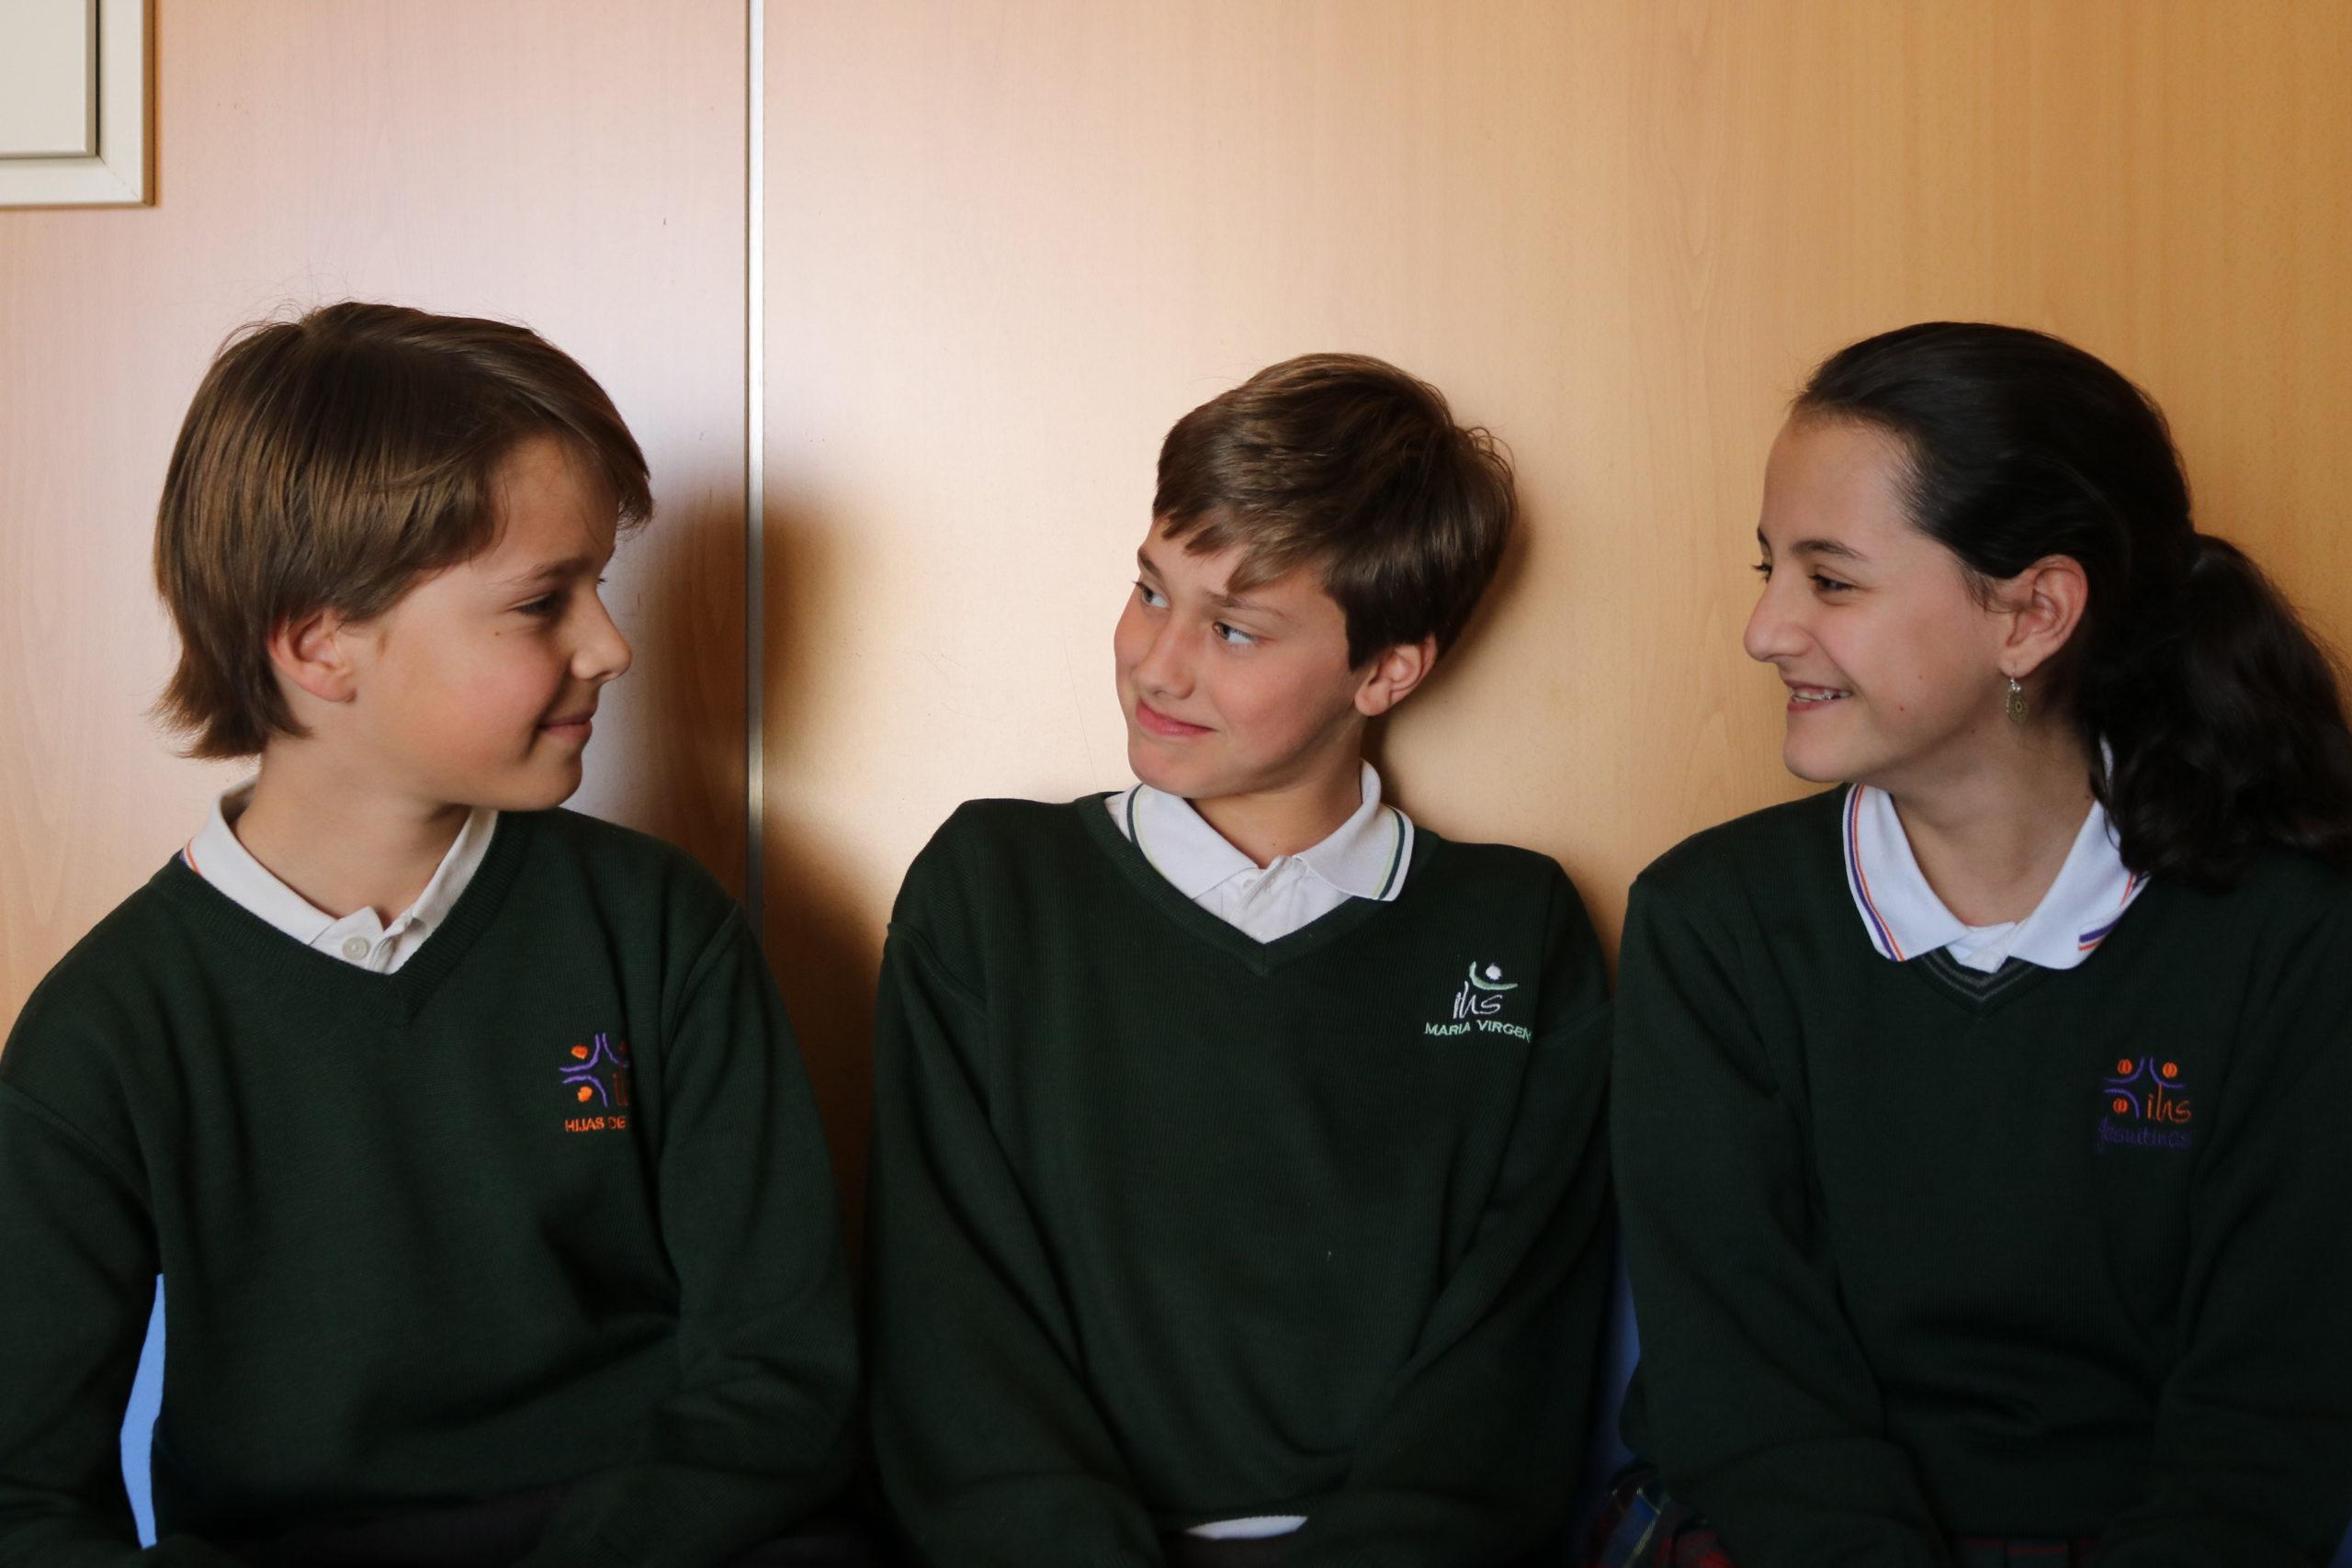 Colegio bilingüe concertado chamartín